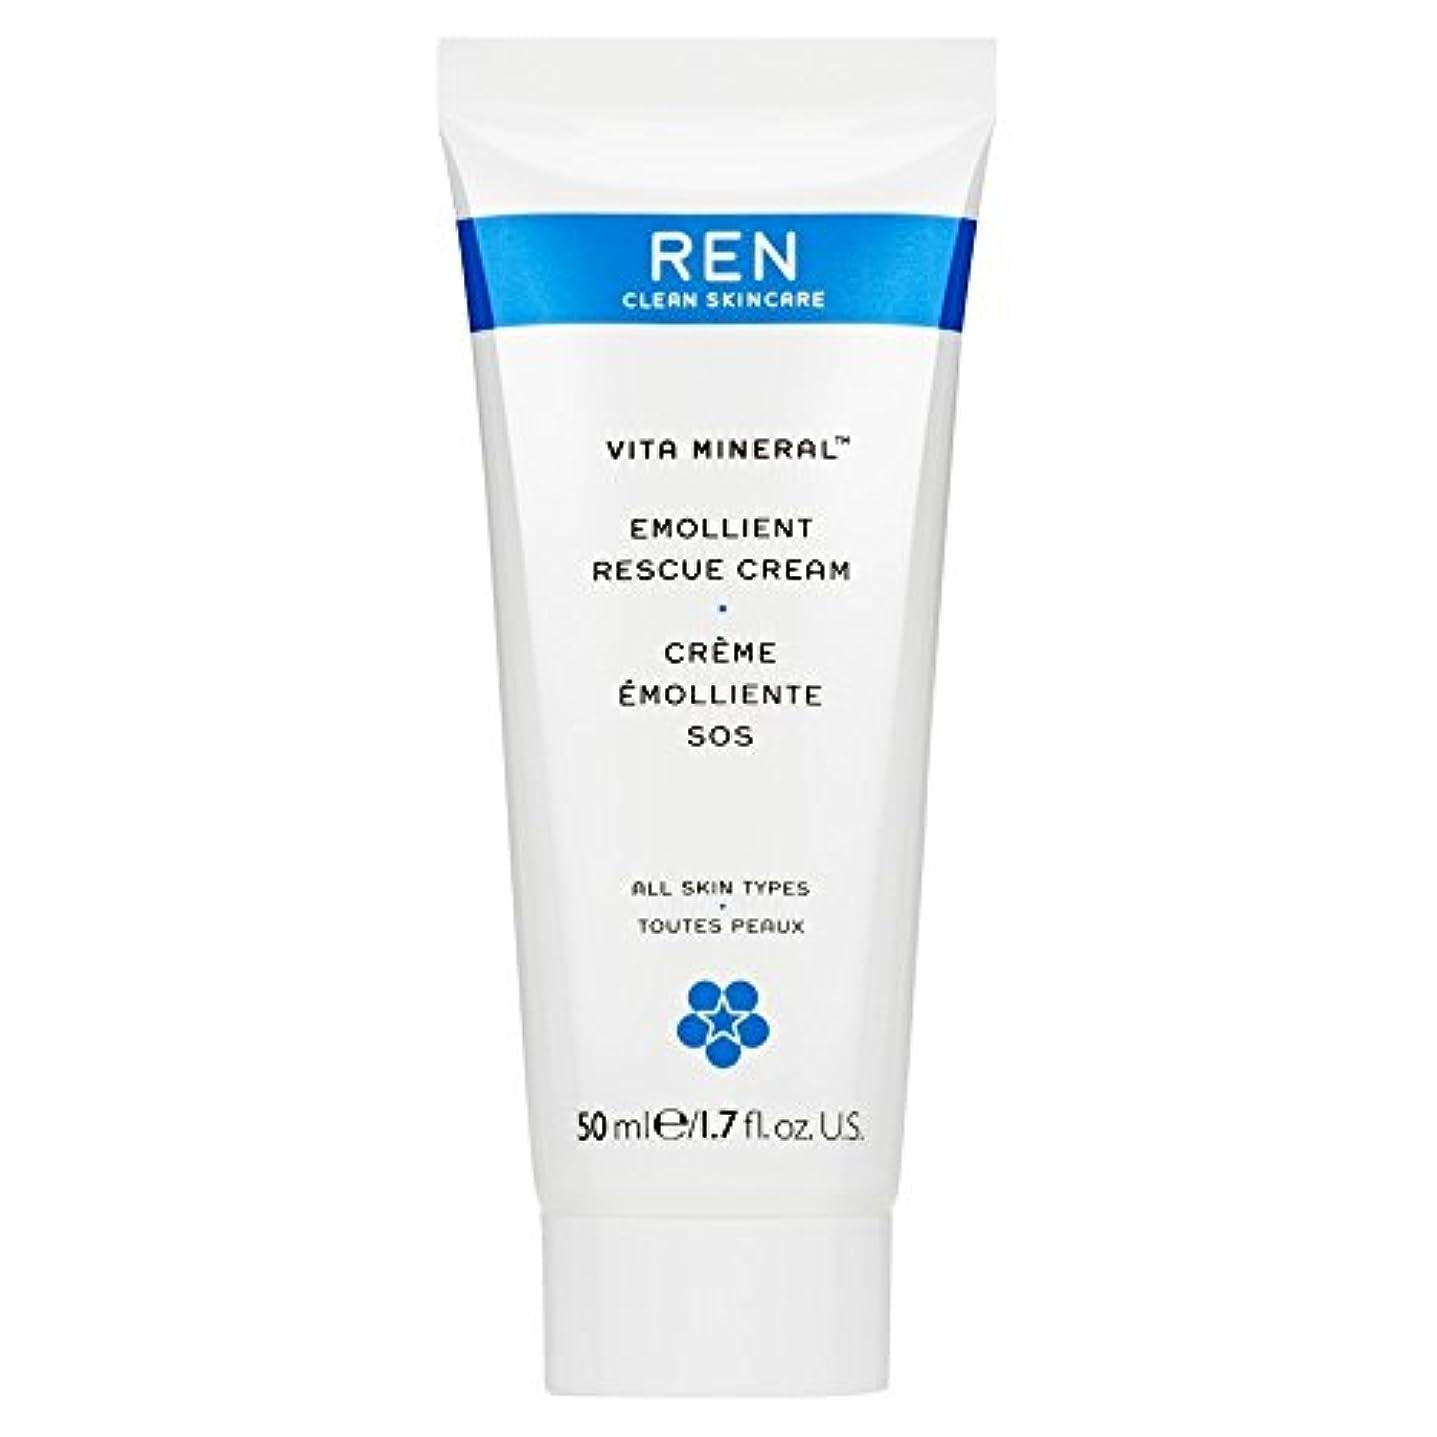 市長恩恵泥だらけRenヴィータミネラルレスキュークリーム、50ミリリットル (REN) (x2) - REN Vita Mineral Rescue Cream, 50ml (Pack of 2) [並行輸入品]